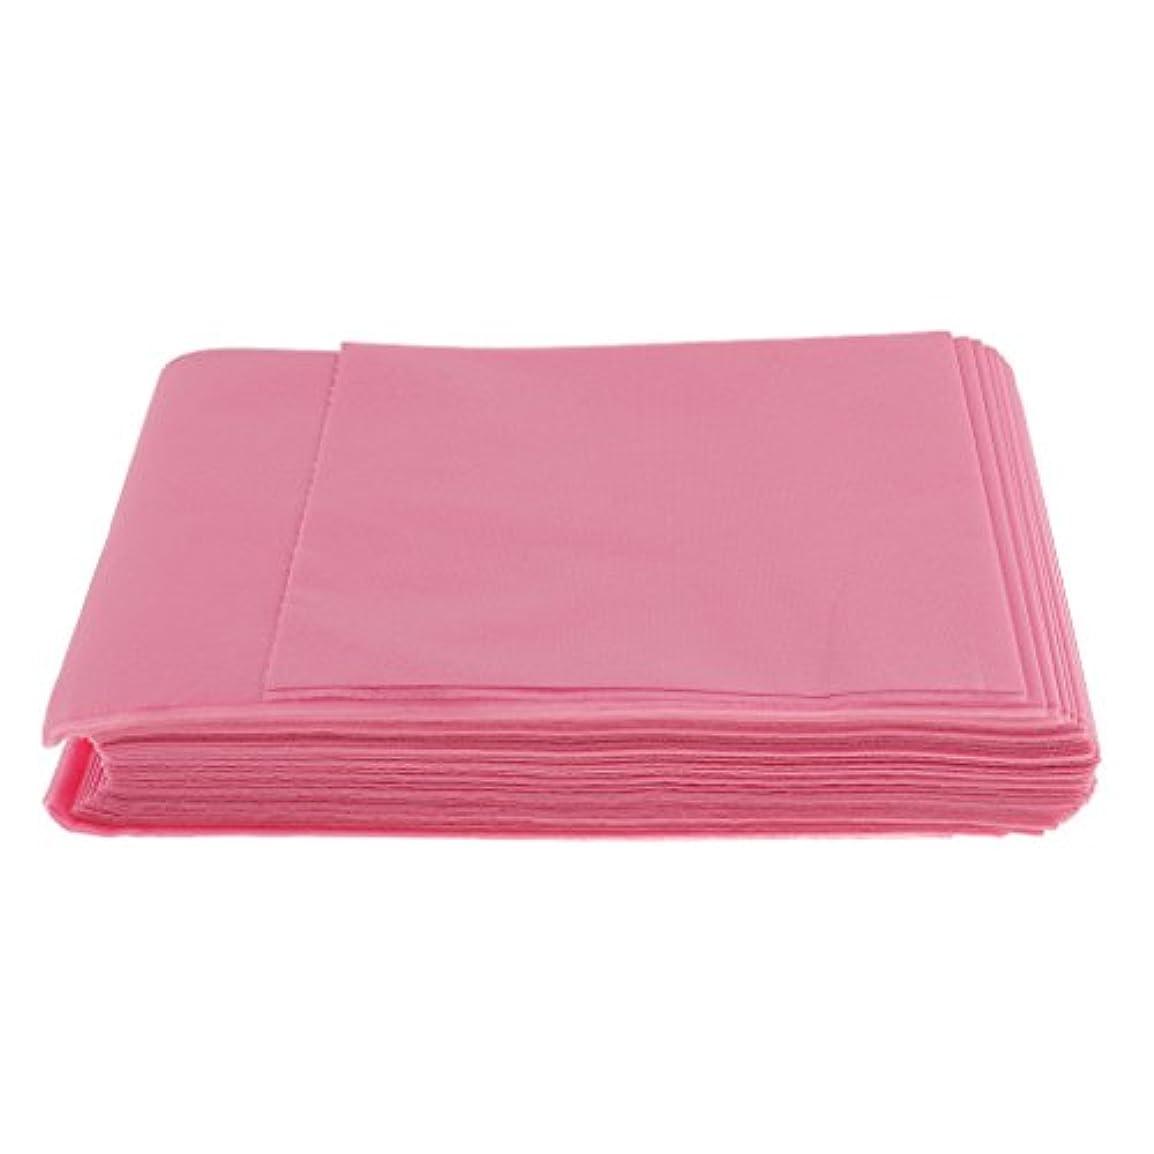 線形規則性ミトン10枚入り 使い捨て 美容室/マッサージ/サロン/ホテル ベッドパッド 無織PP 衛生シート 全3色選べ - ピンク